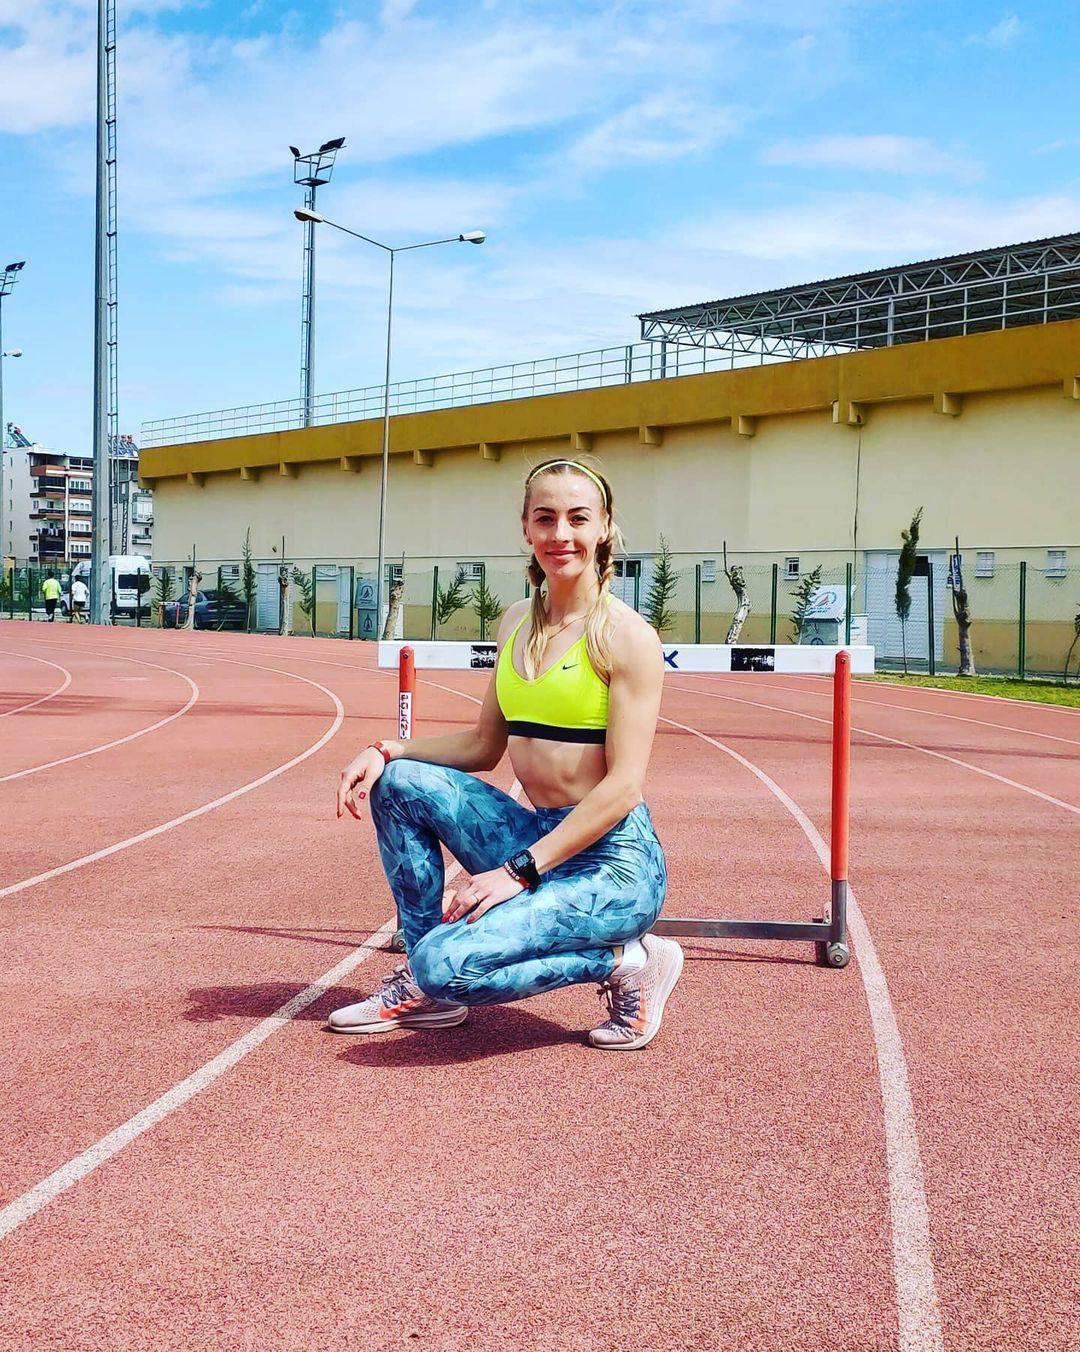 Мария Миколенко будет представлять Донетчину в составе зборной Украины на Олимпиаде-2020